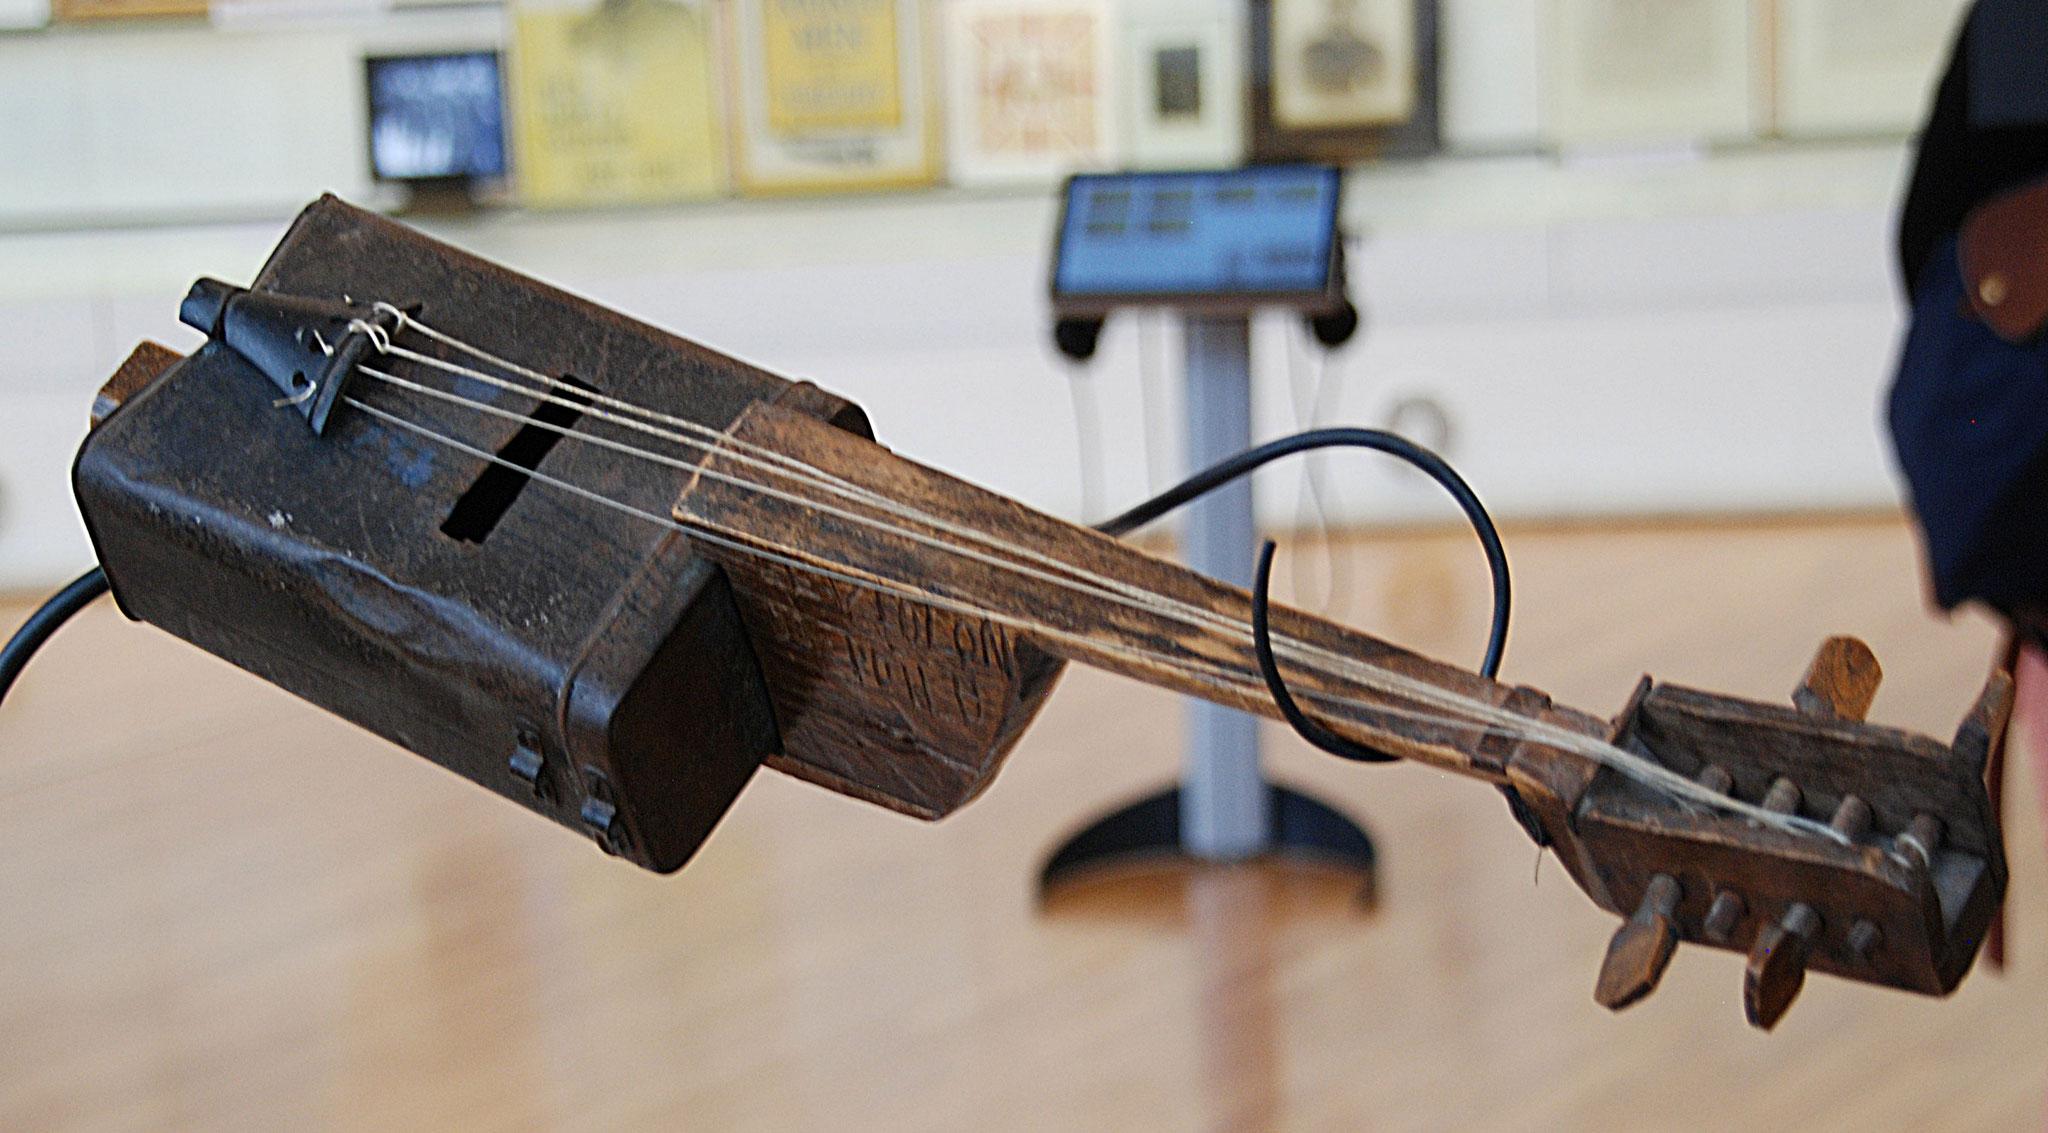 Un violon français fabriqué avec du matériel de récupération